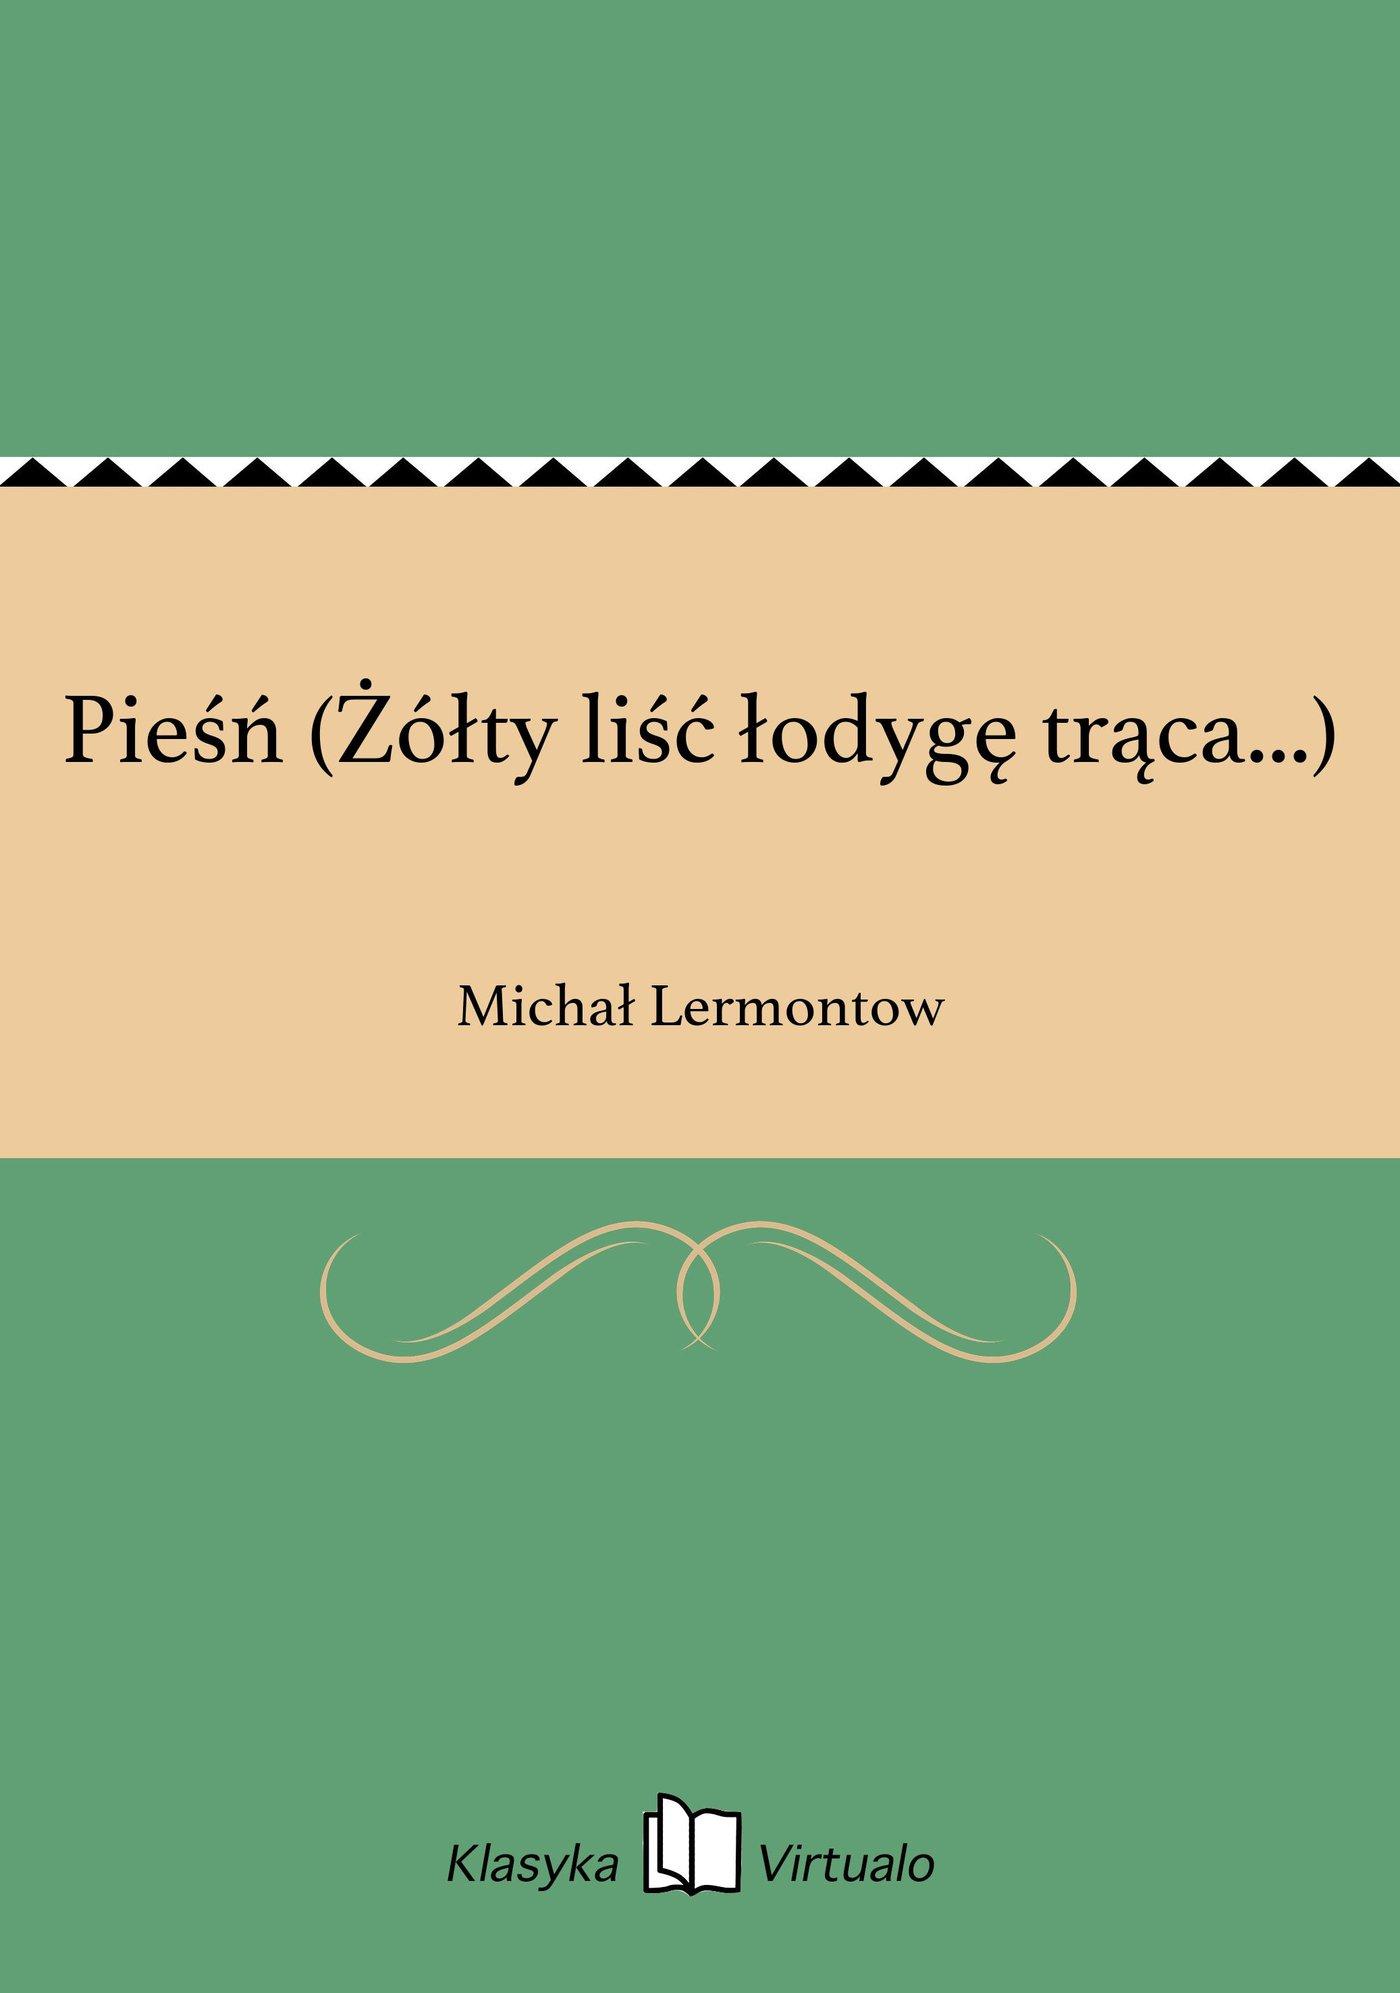 Pieśń (Żółty liść łodygę trąca...) - Ebook (Książka na Kindle) do pobrania w formacie MOBI